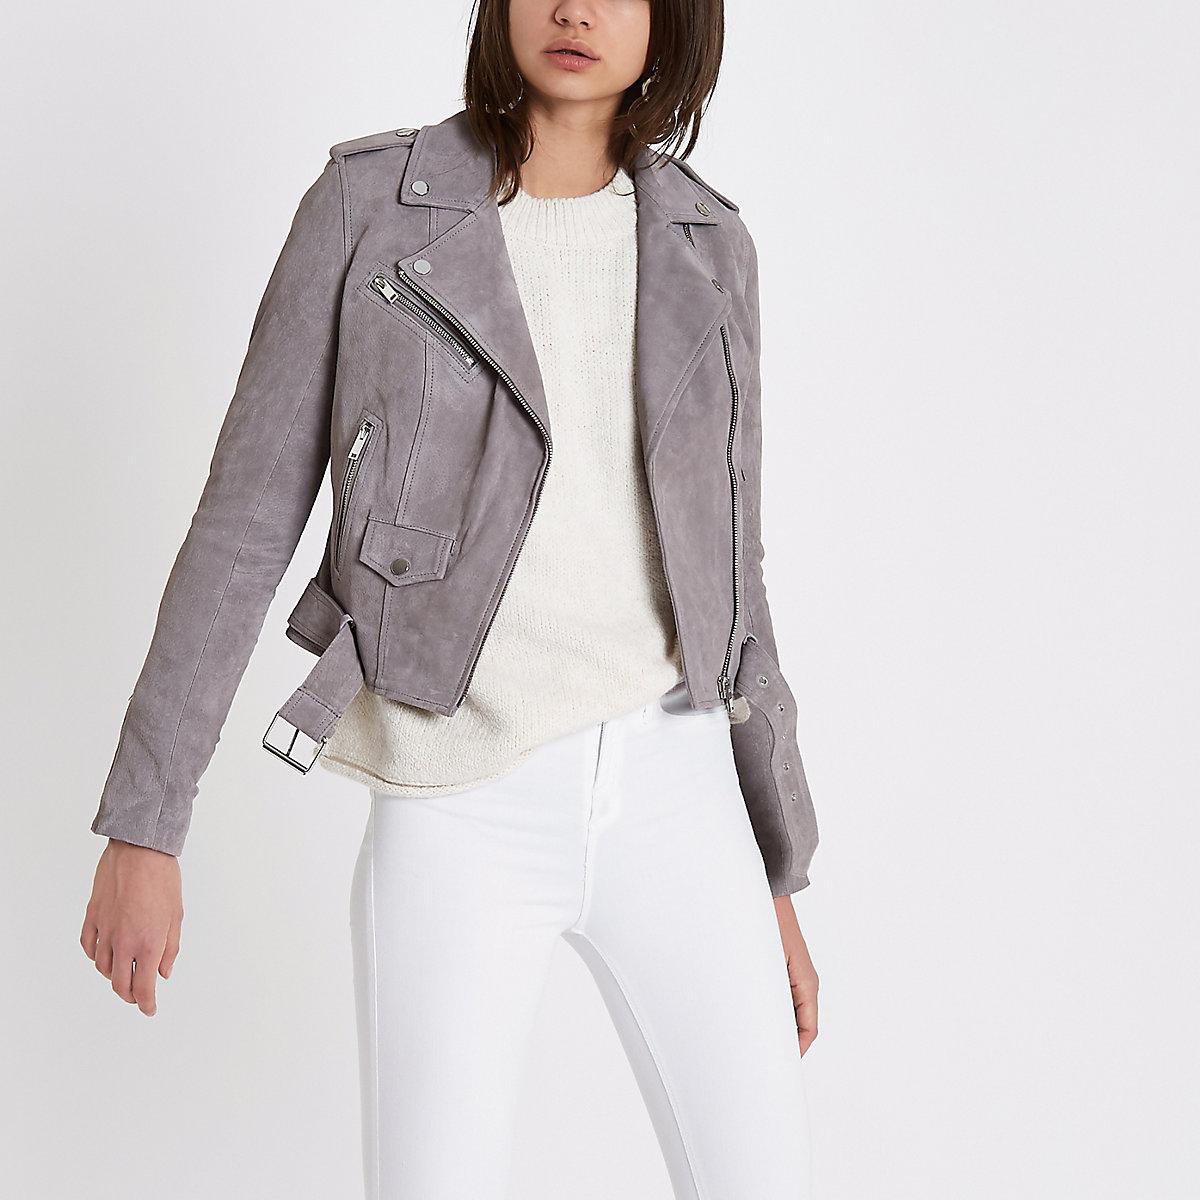 perfecto en daim gris ceinture vestes manteaux vestes femme. Black Bedroom Furniture Sets. Home Design Ideas